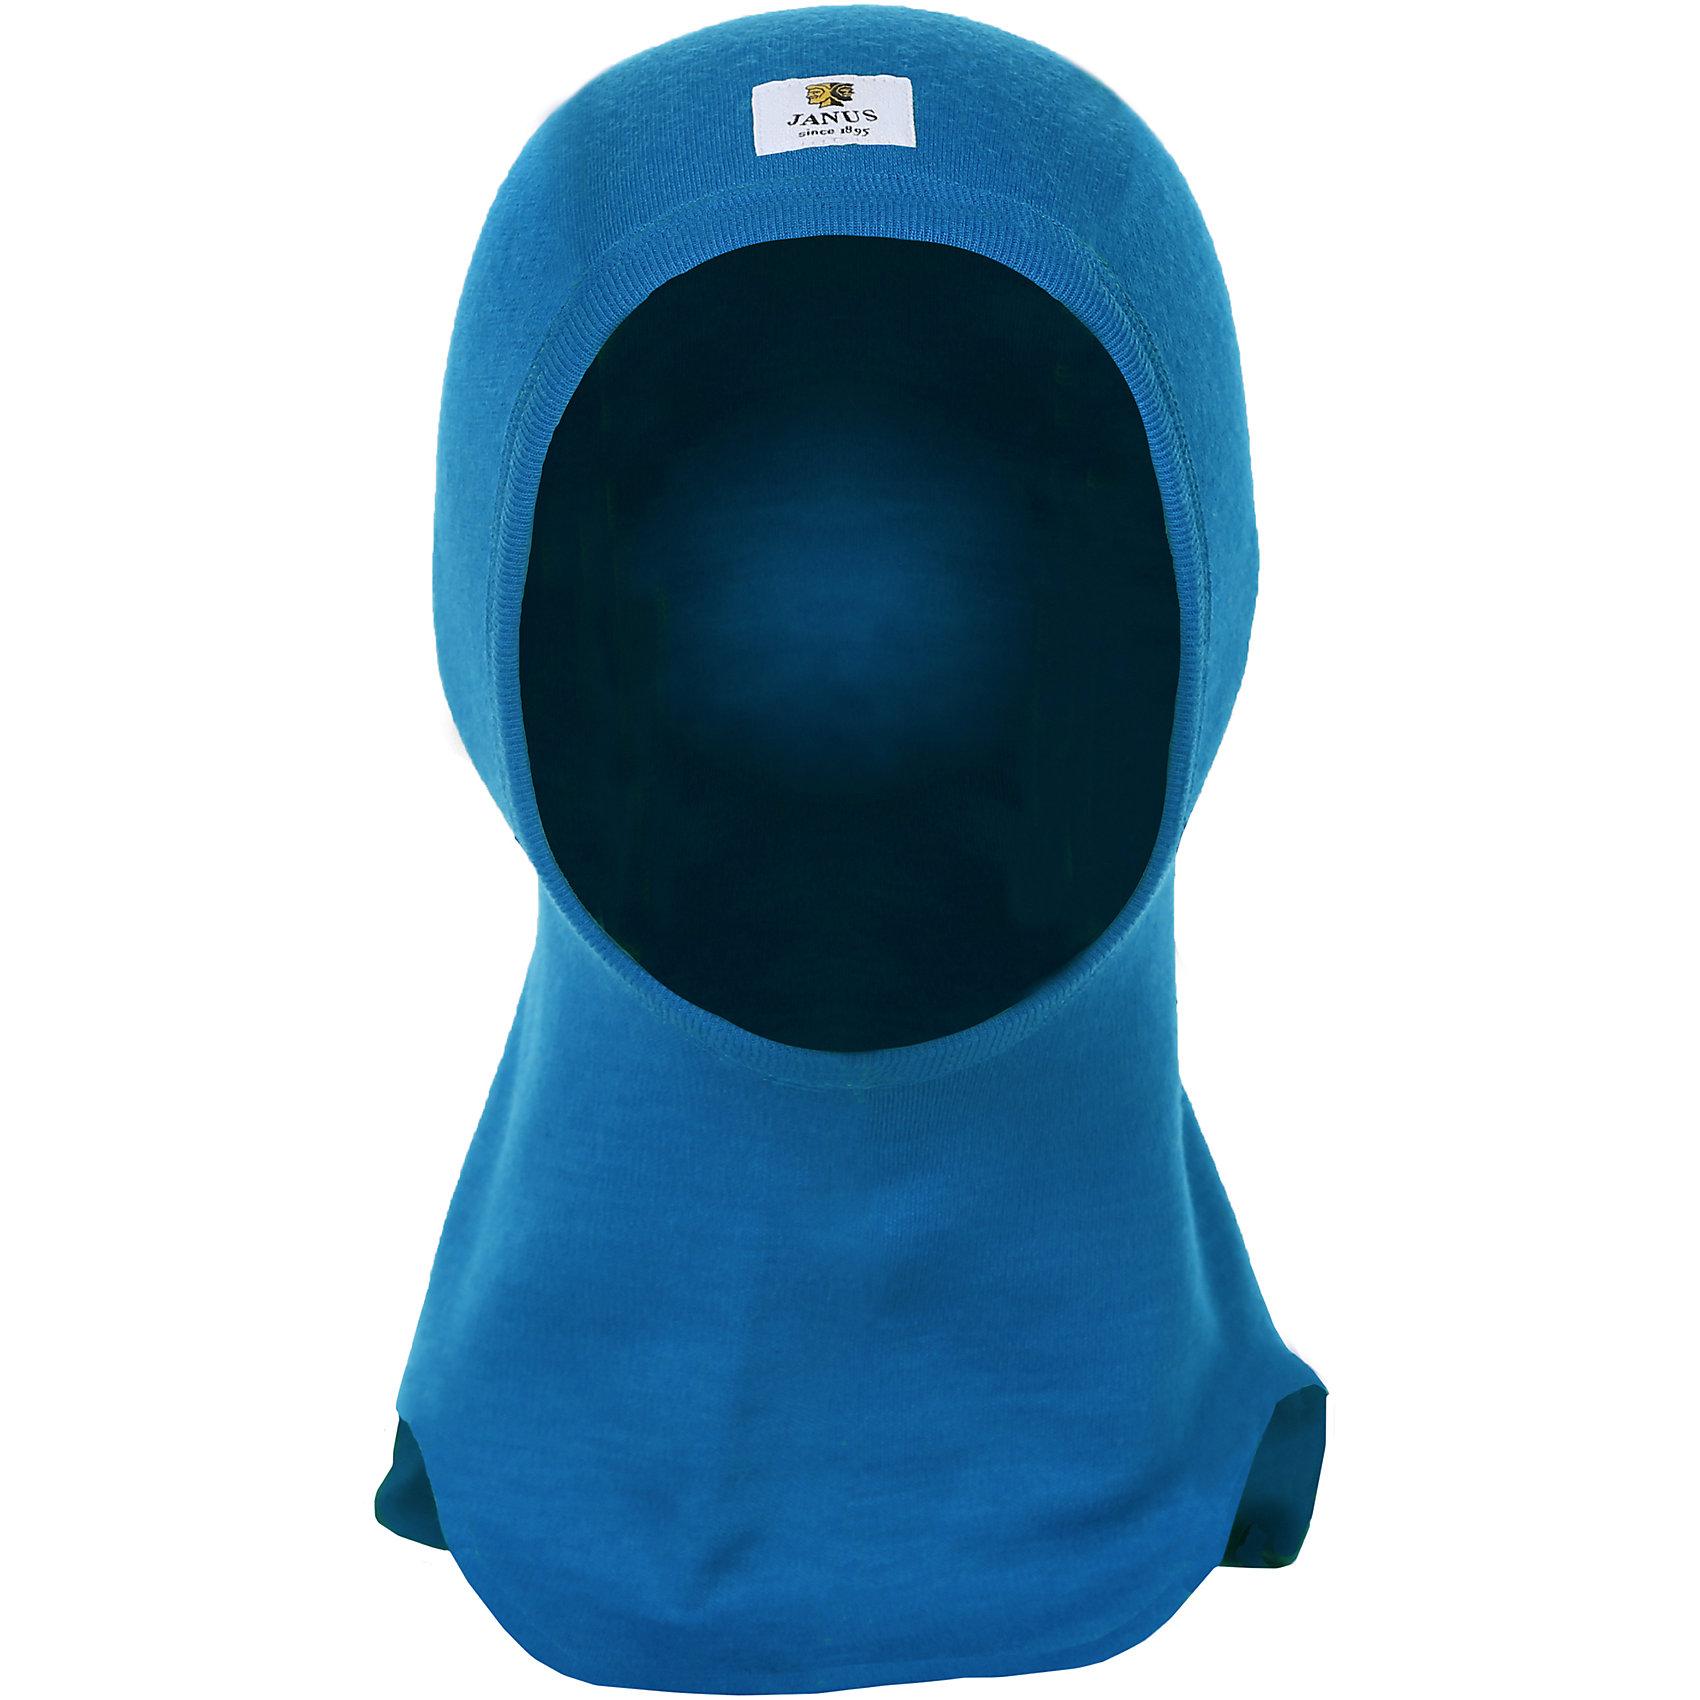 Шлем для мальчика Janus